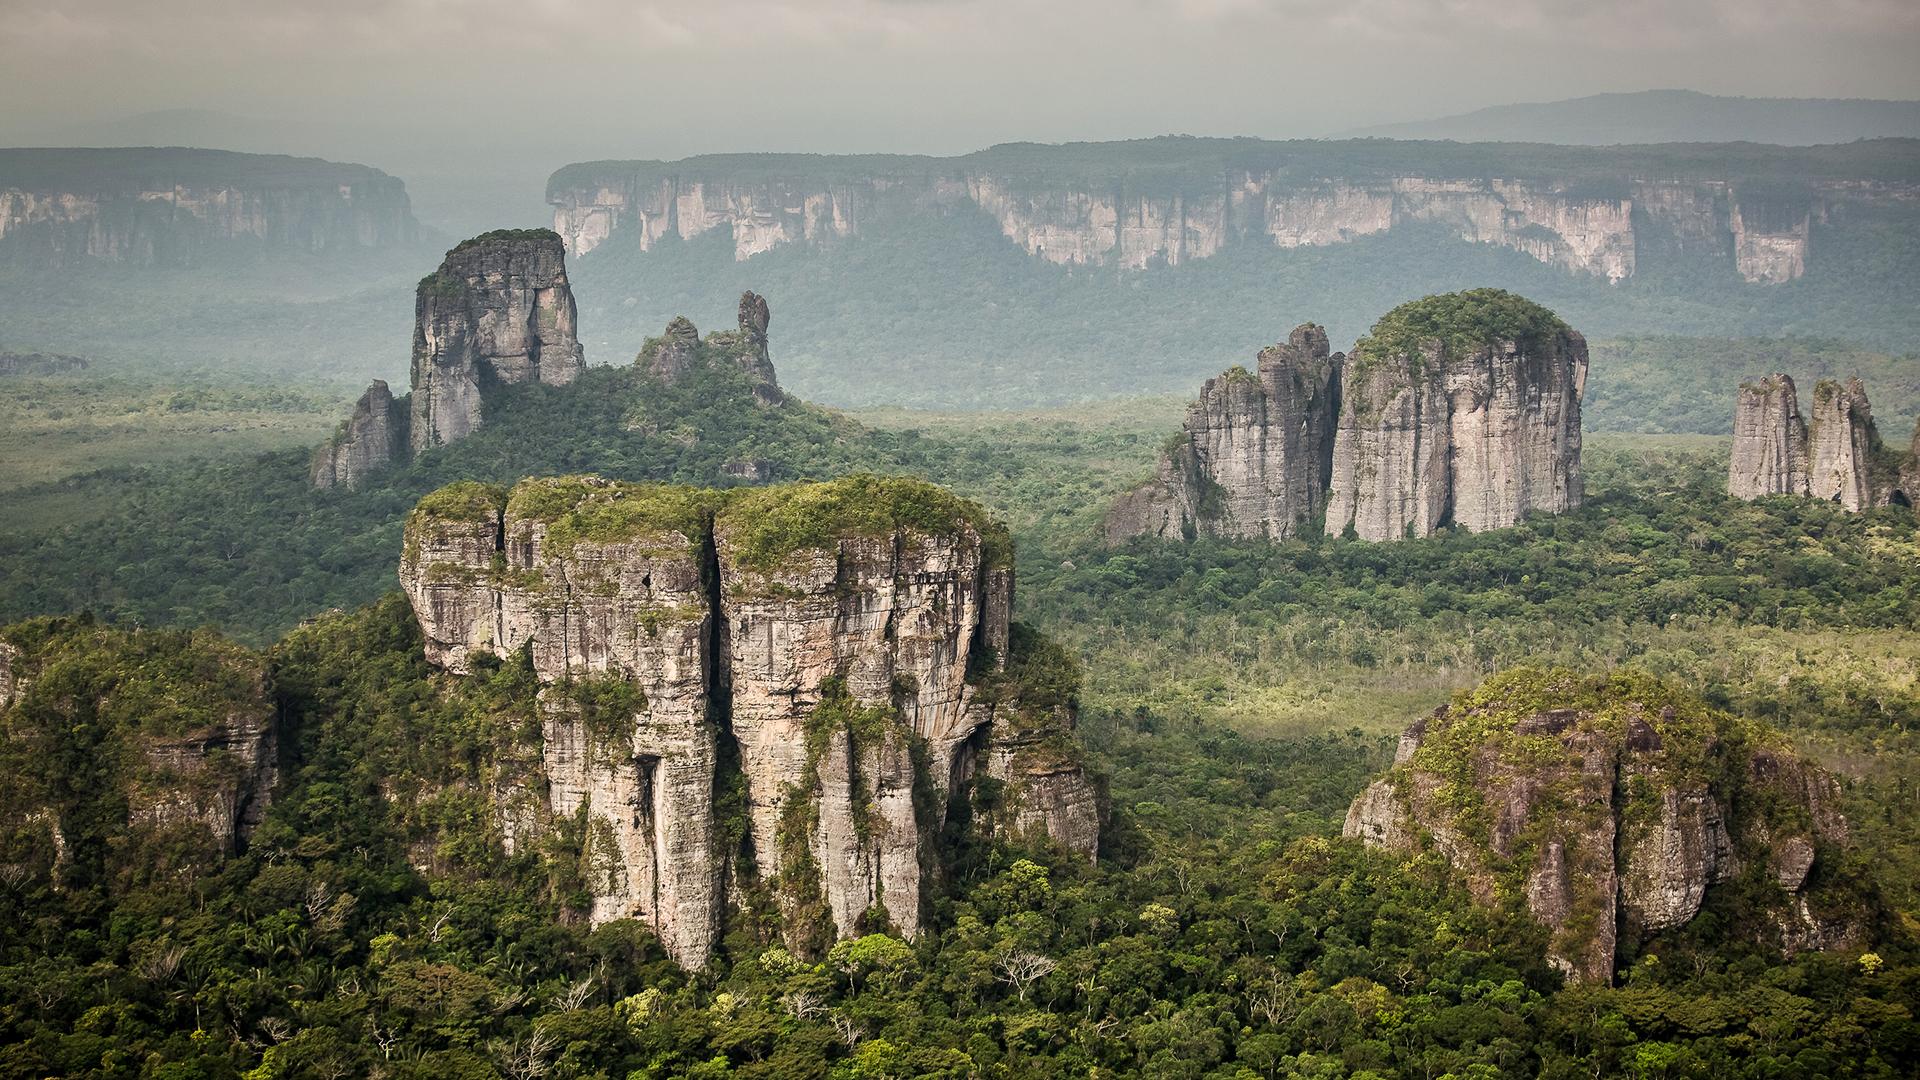 Mit der Orinoco-Savanne, den Anden, dem Bergland von Guayana und dem Amazonas werden vier unterschiedliche Ökosysteme zum Naturschutzgebiet Serrania del Chiribiquete miteinander verbunden. © David Martinez / WWF